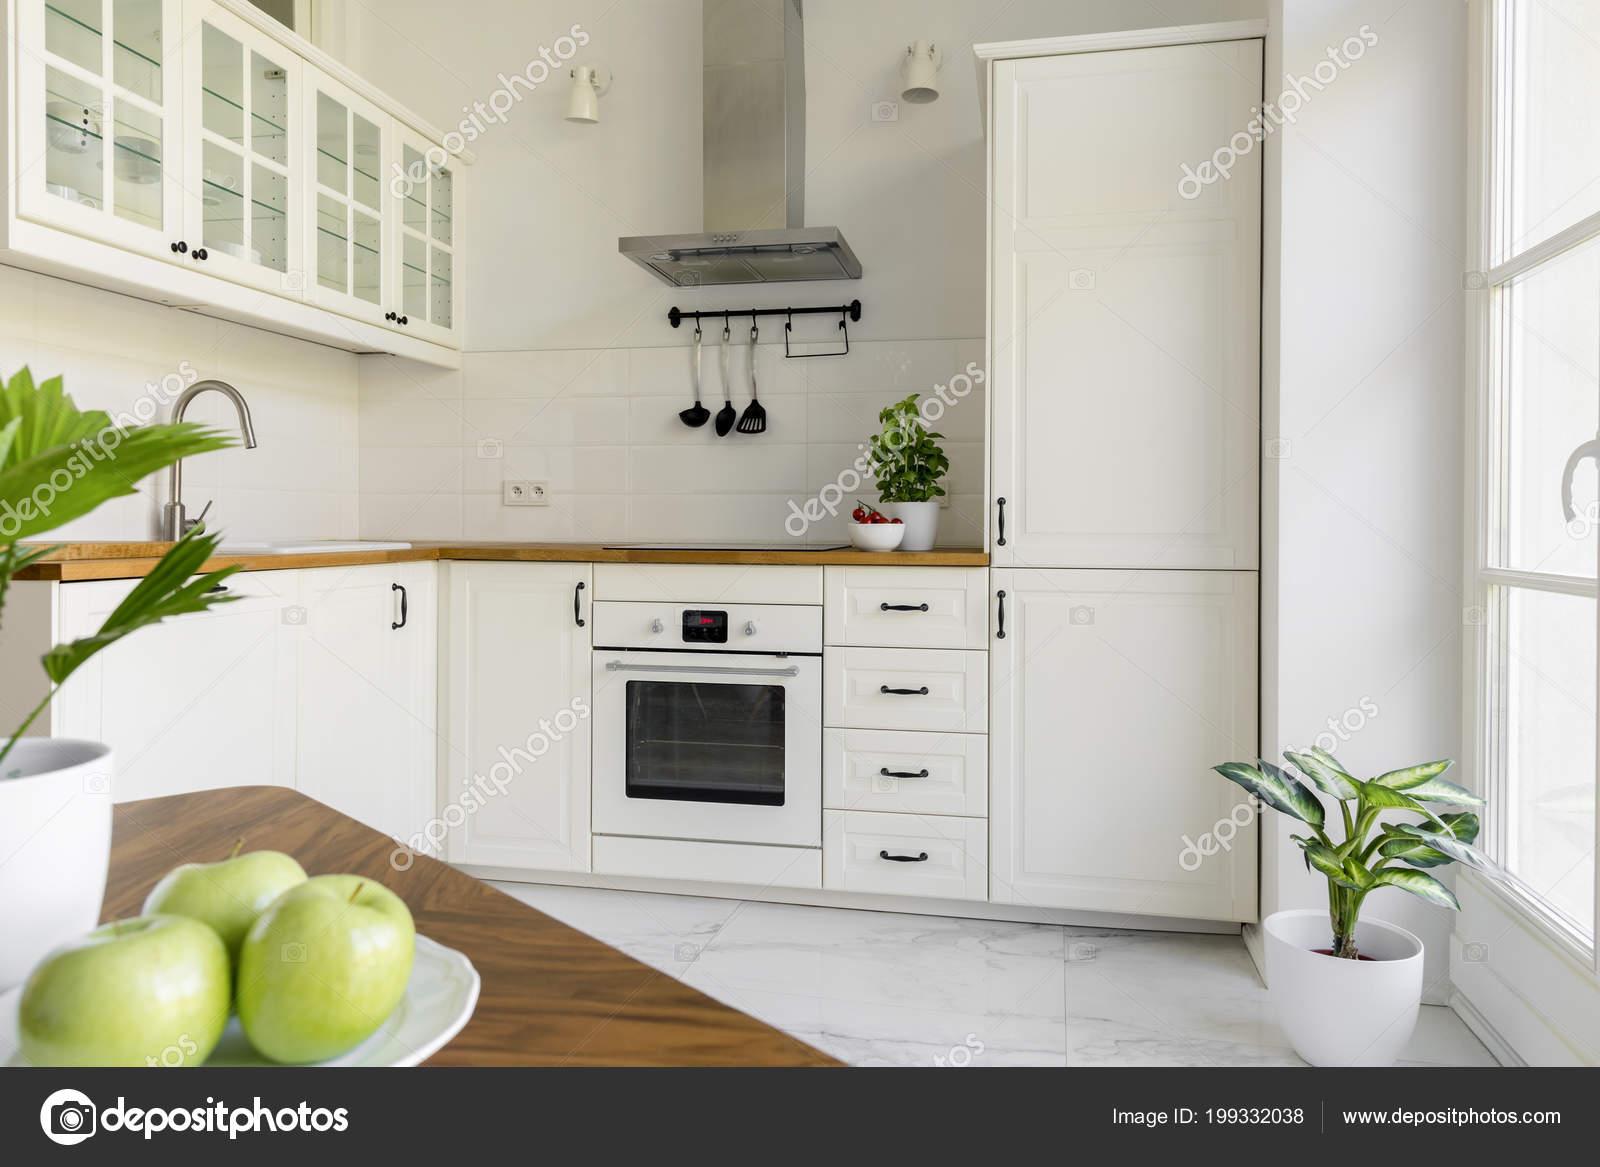 Van Boven Keukens : Plant witte minimale keuken interieur met zilveren afzuigkap boven